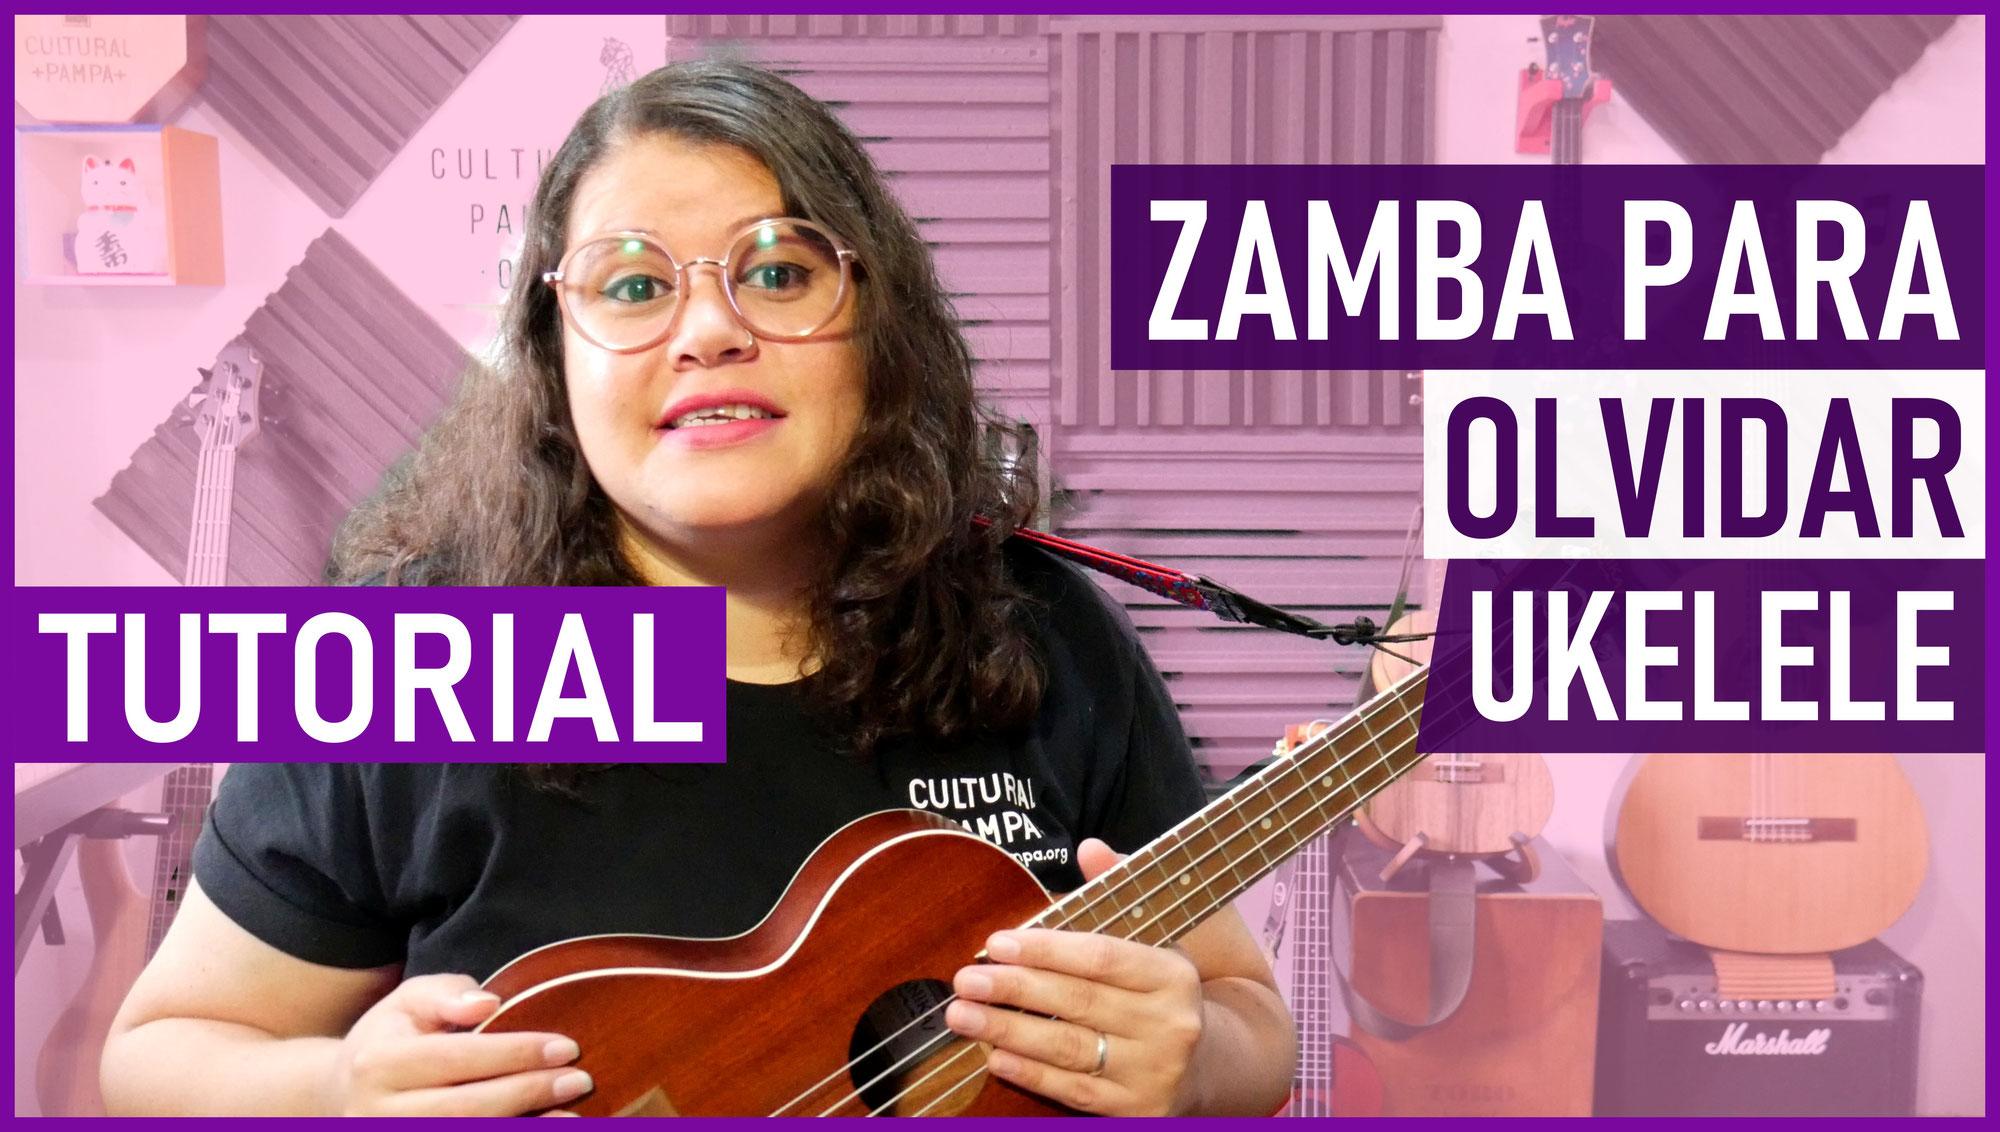 Como tocar Zamba para Olvidar en Ukelele | Tutorial